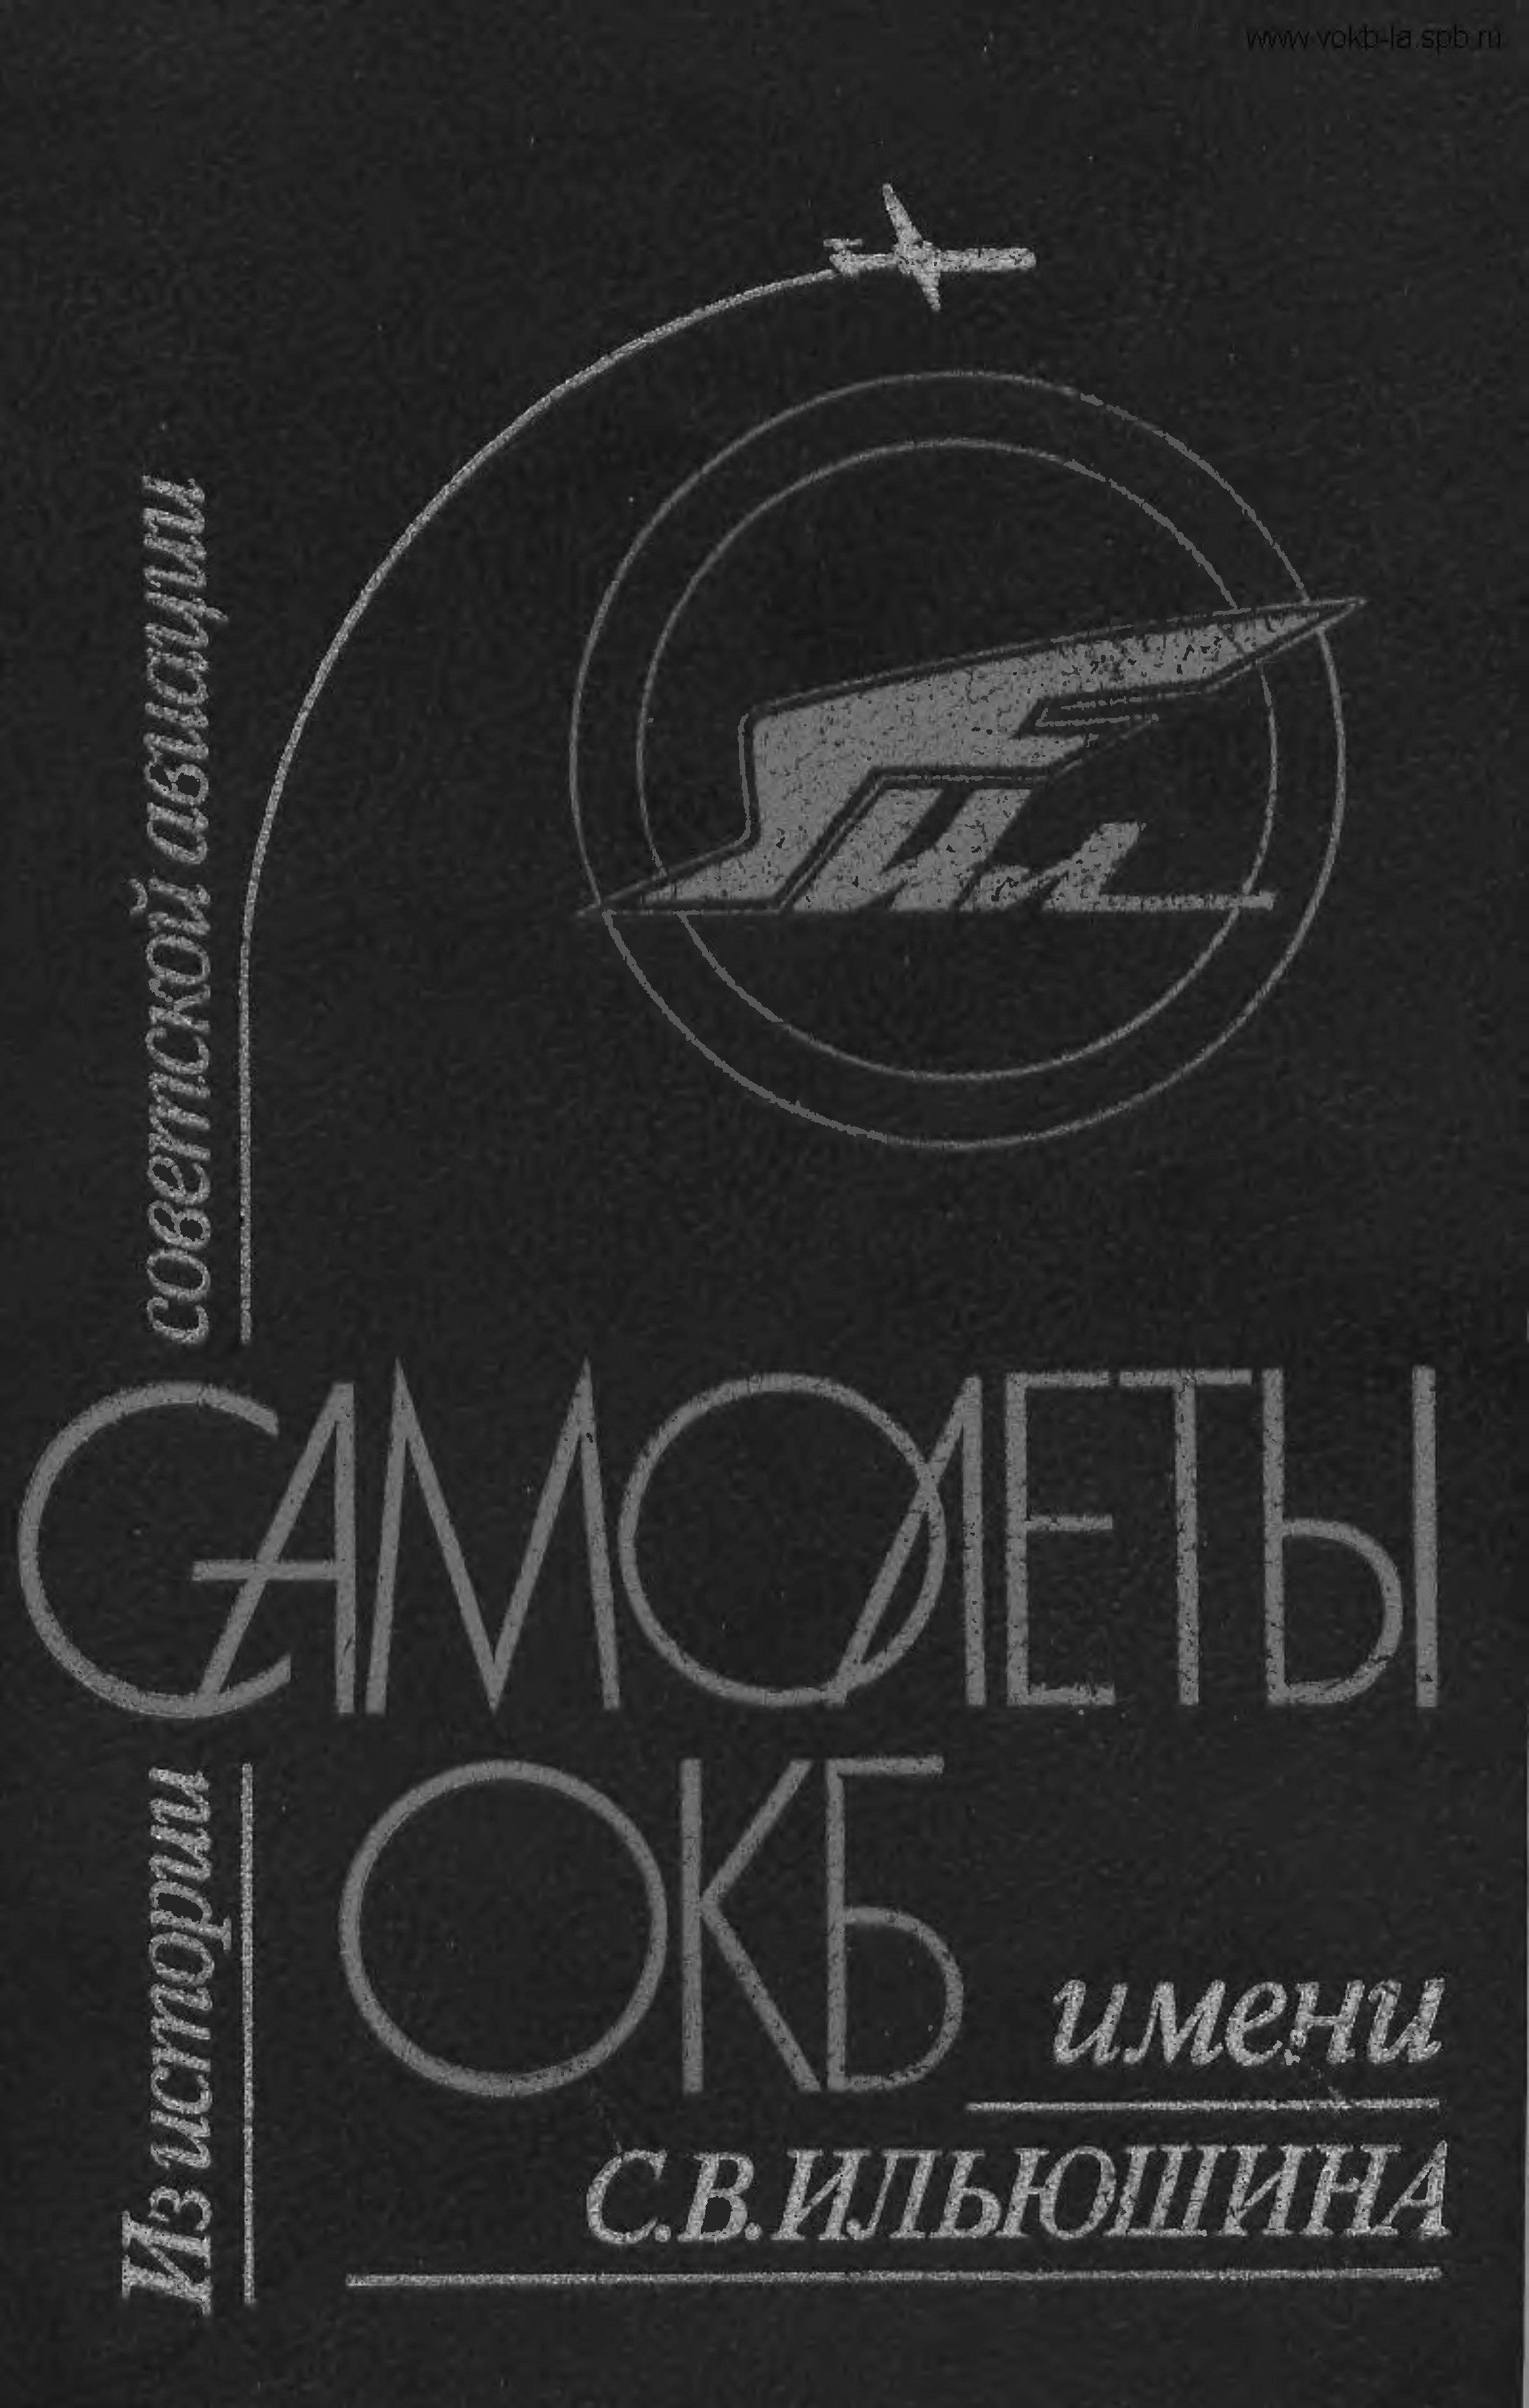 Из истории советской авиации: Самолёты ОКБ имени С. В. Ильюшина